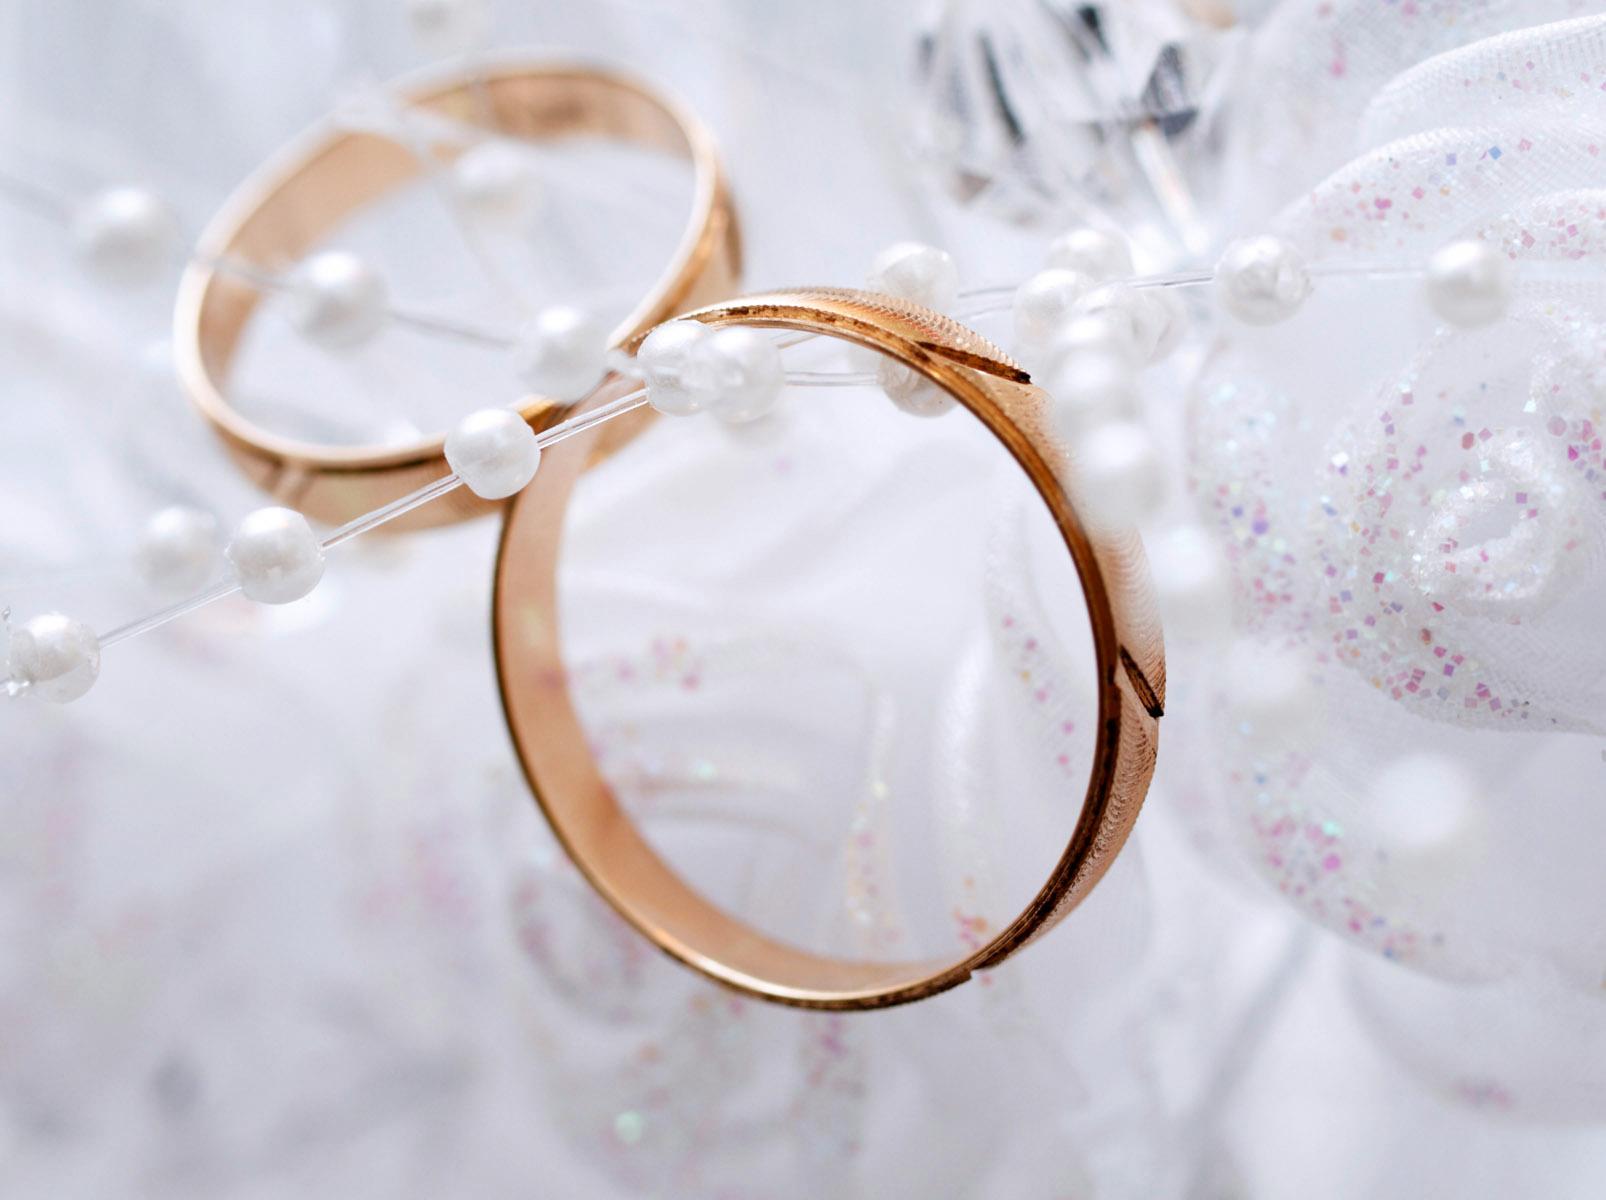 【珠宝秀场】戒指除了结婚戴还能干什么?